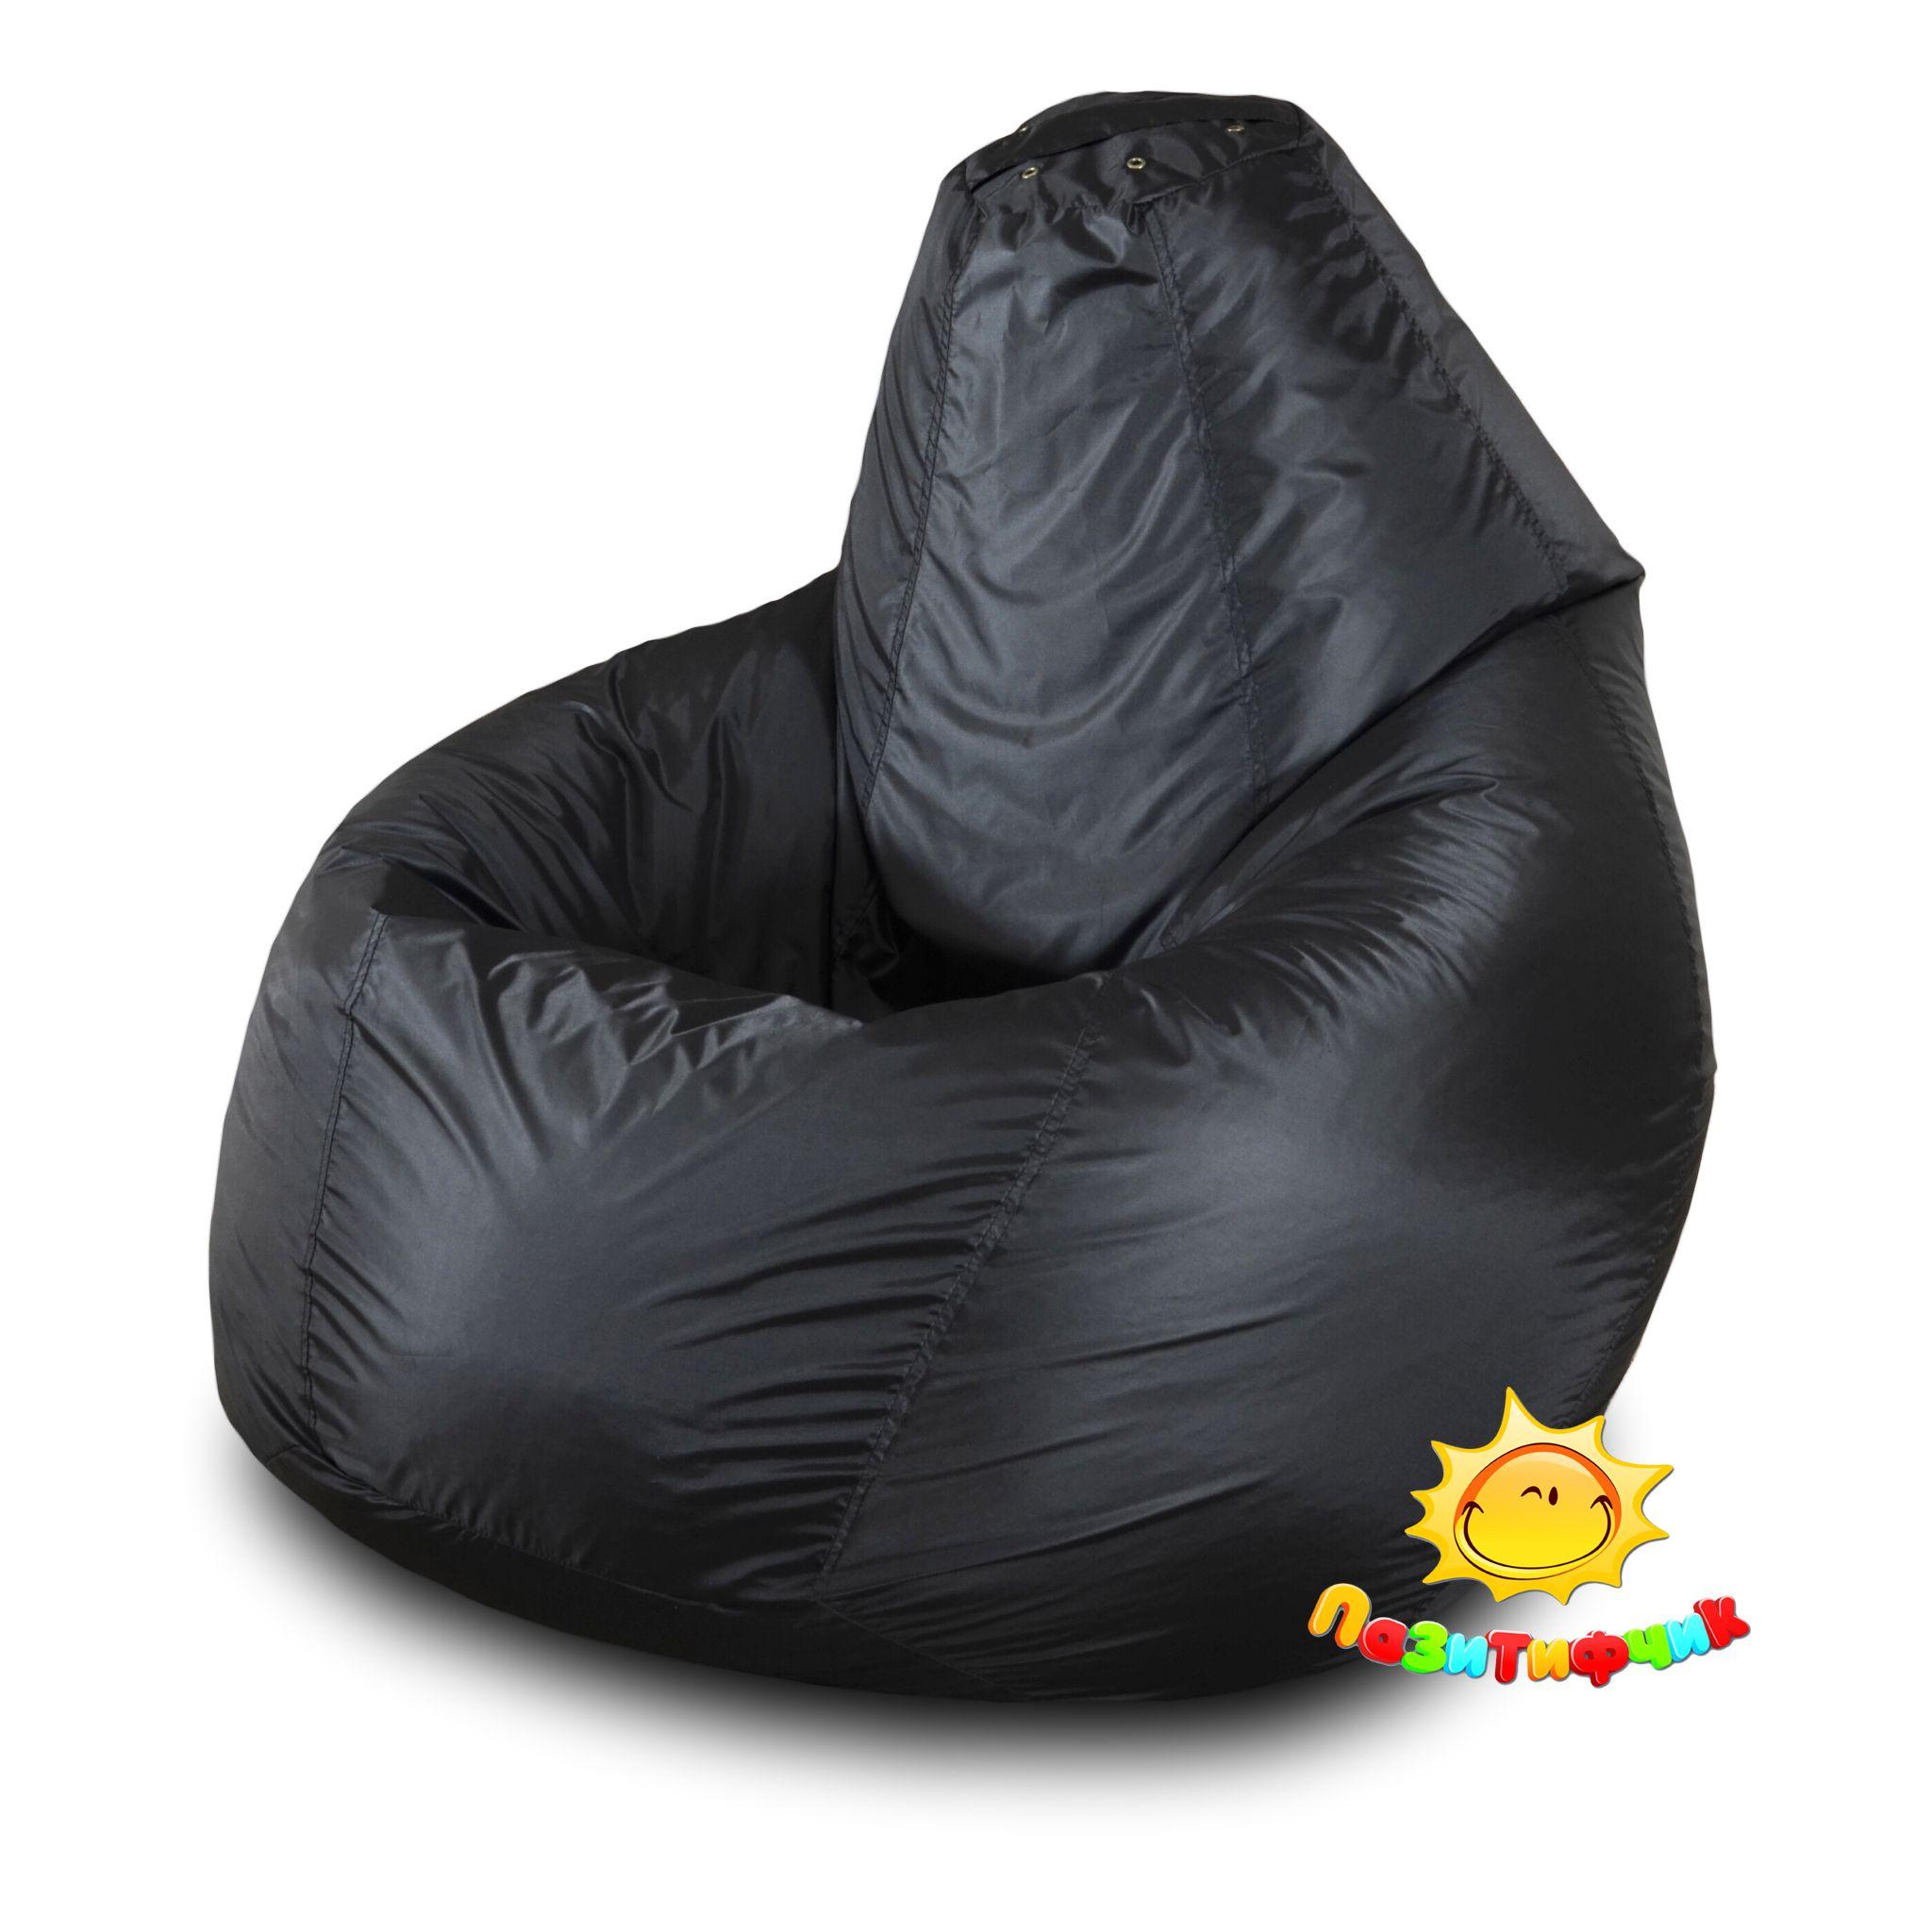 Кресло-мешок Pazitif Груша Пазитифчик, размер L, оксфорд, черный